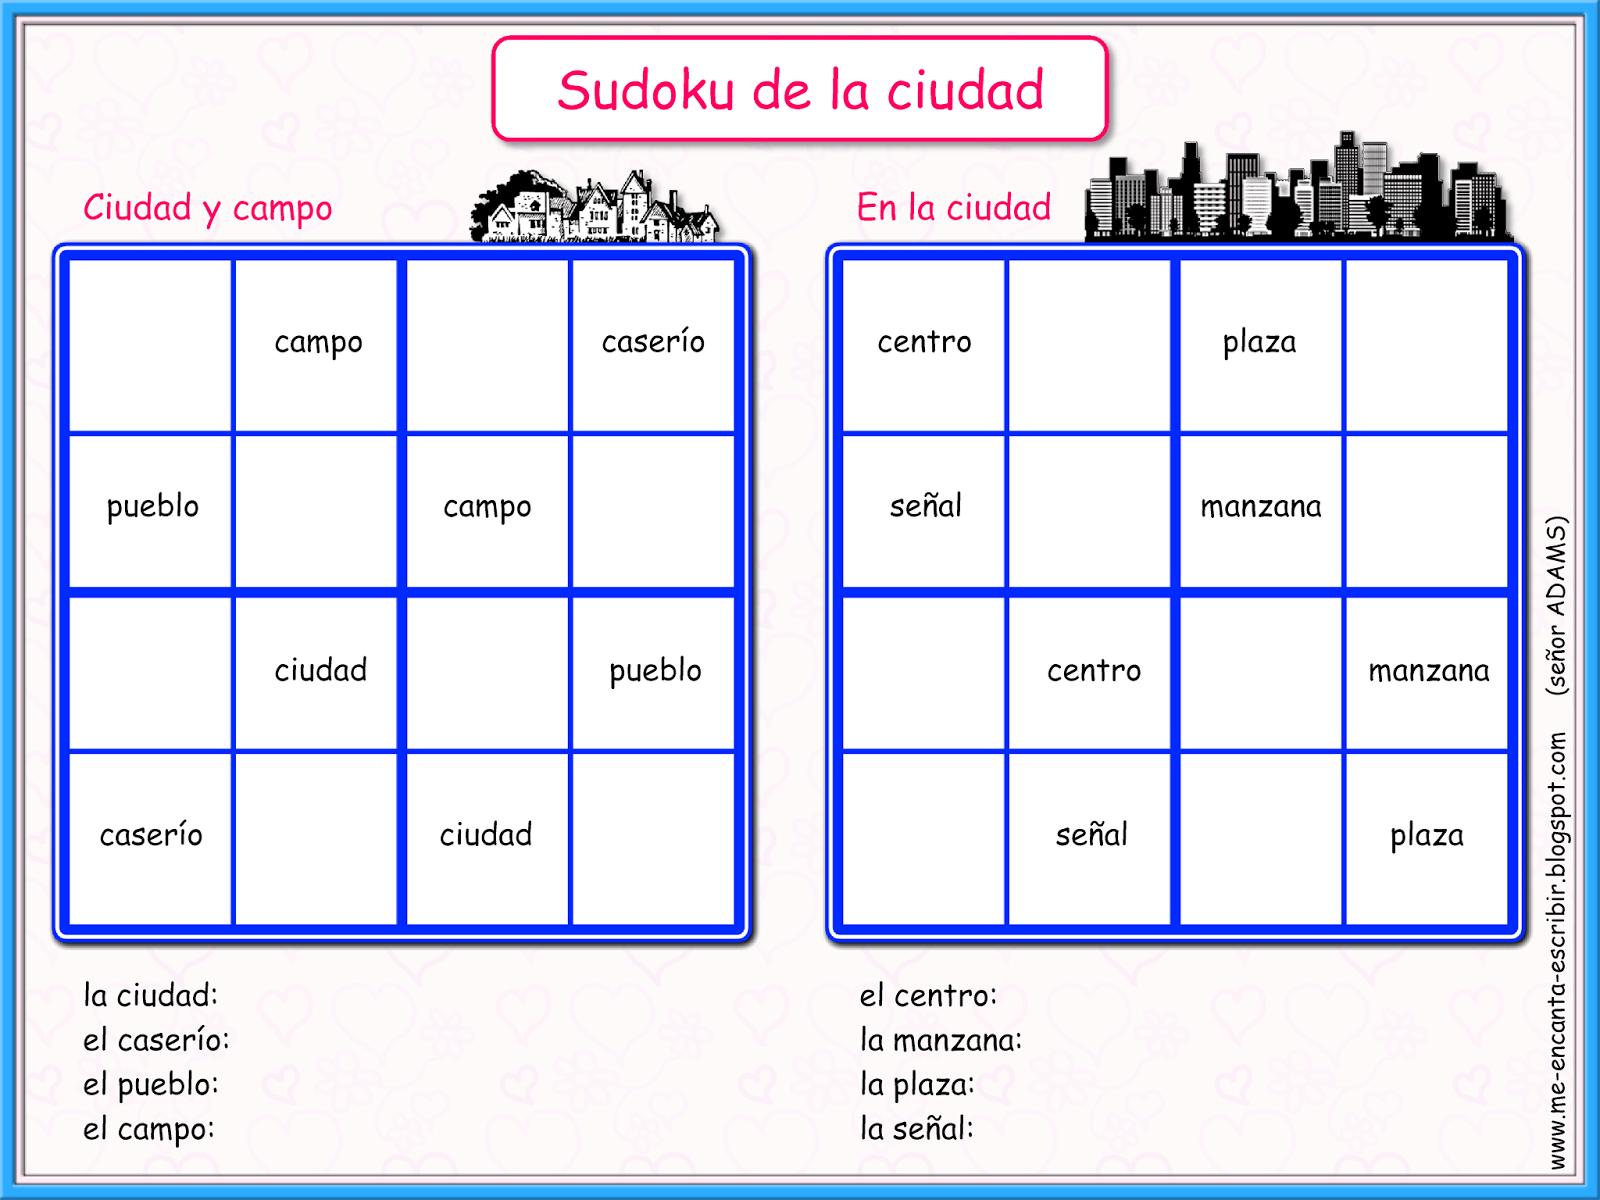 Me Encanta Escribir En Espanol Juegos De Sudoku La Ciudad O El Campo